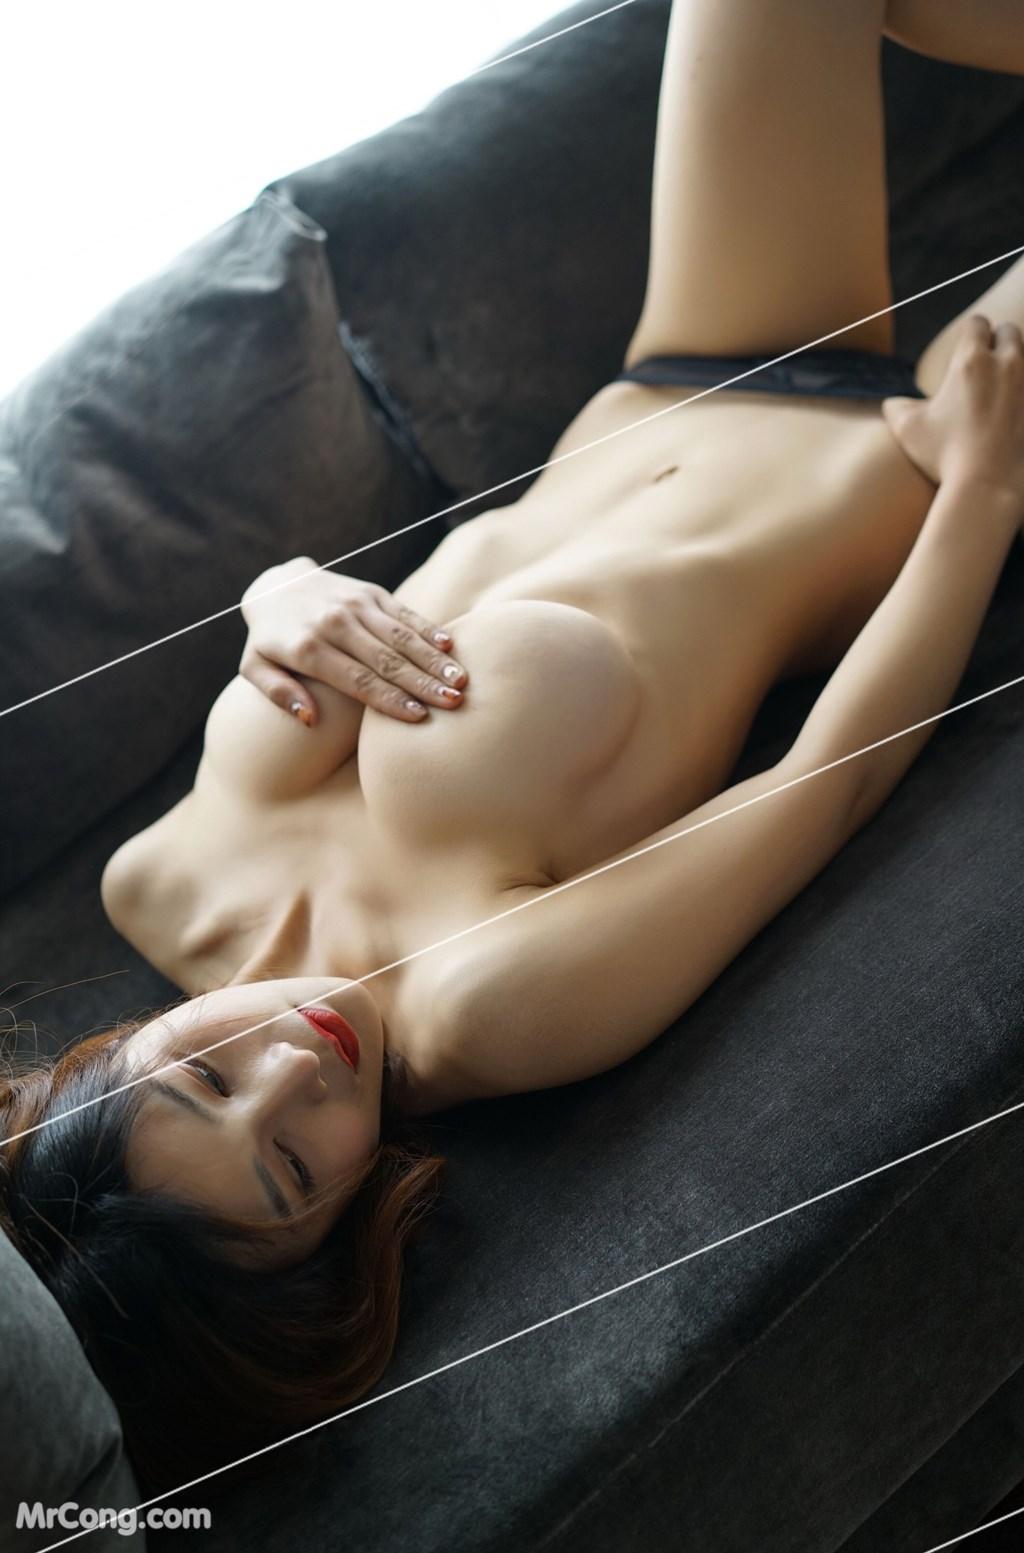 Image Yan-Pan-Pan-Part-3-MrCong.com-030 in post Ngắm vòng một siêu gợi cảm với nội y của người đẹp Yan Pan Pan (闫盼盼) (51 ảnh)